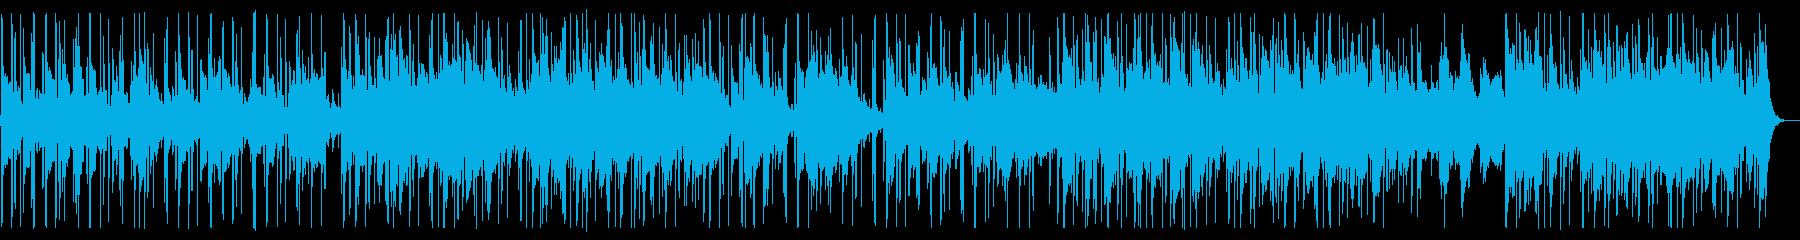 落ち着き/チル/生演奏_No609_1の再生済みの波形